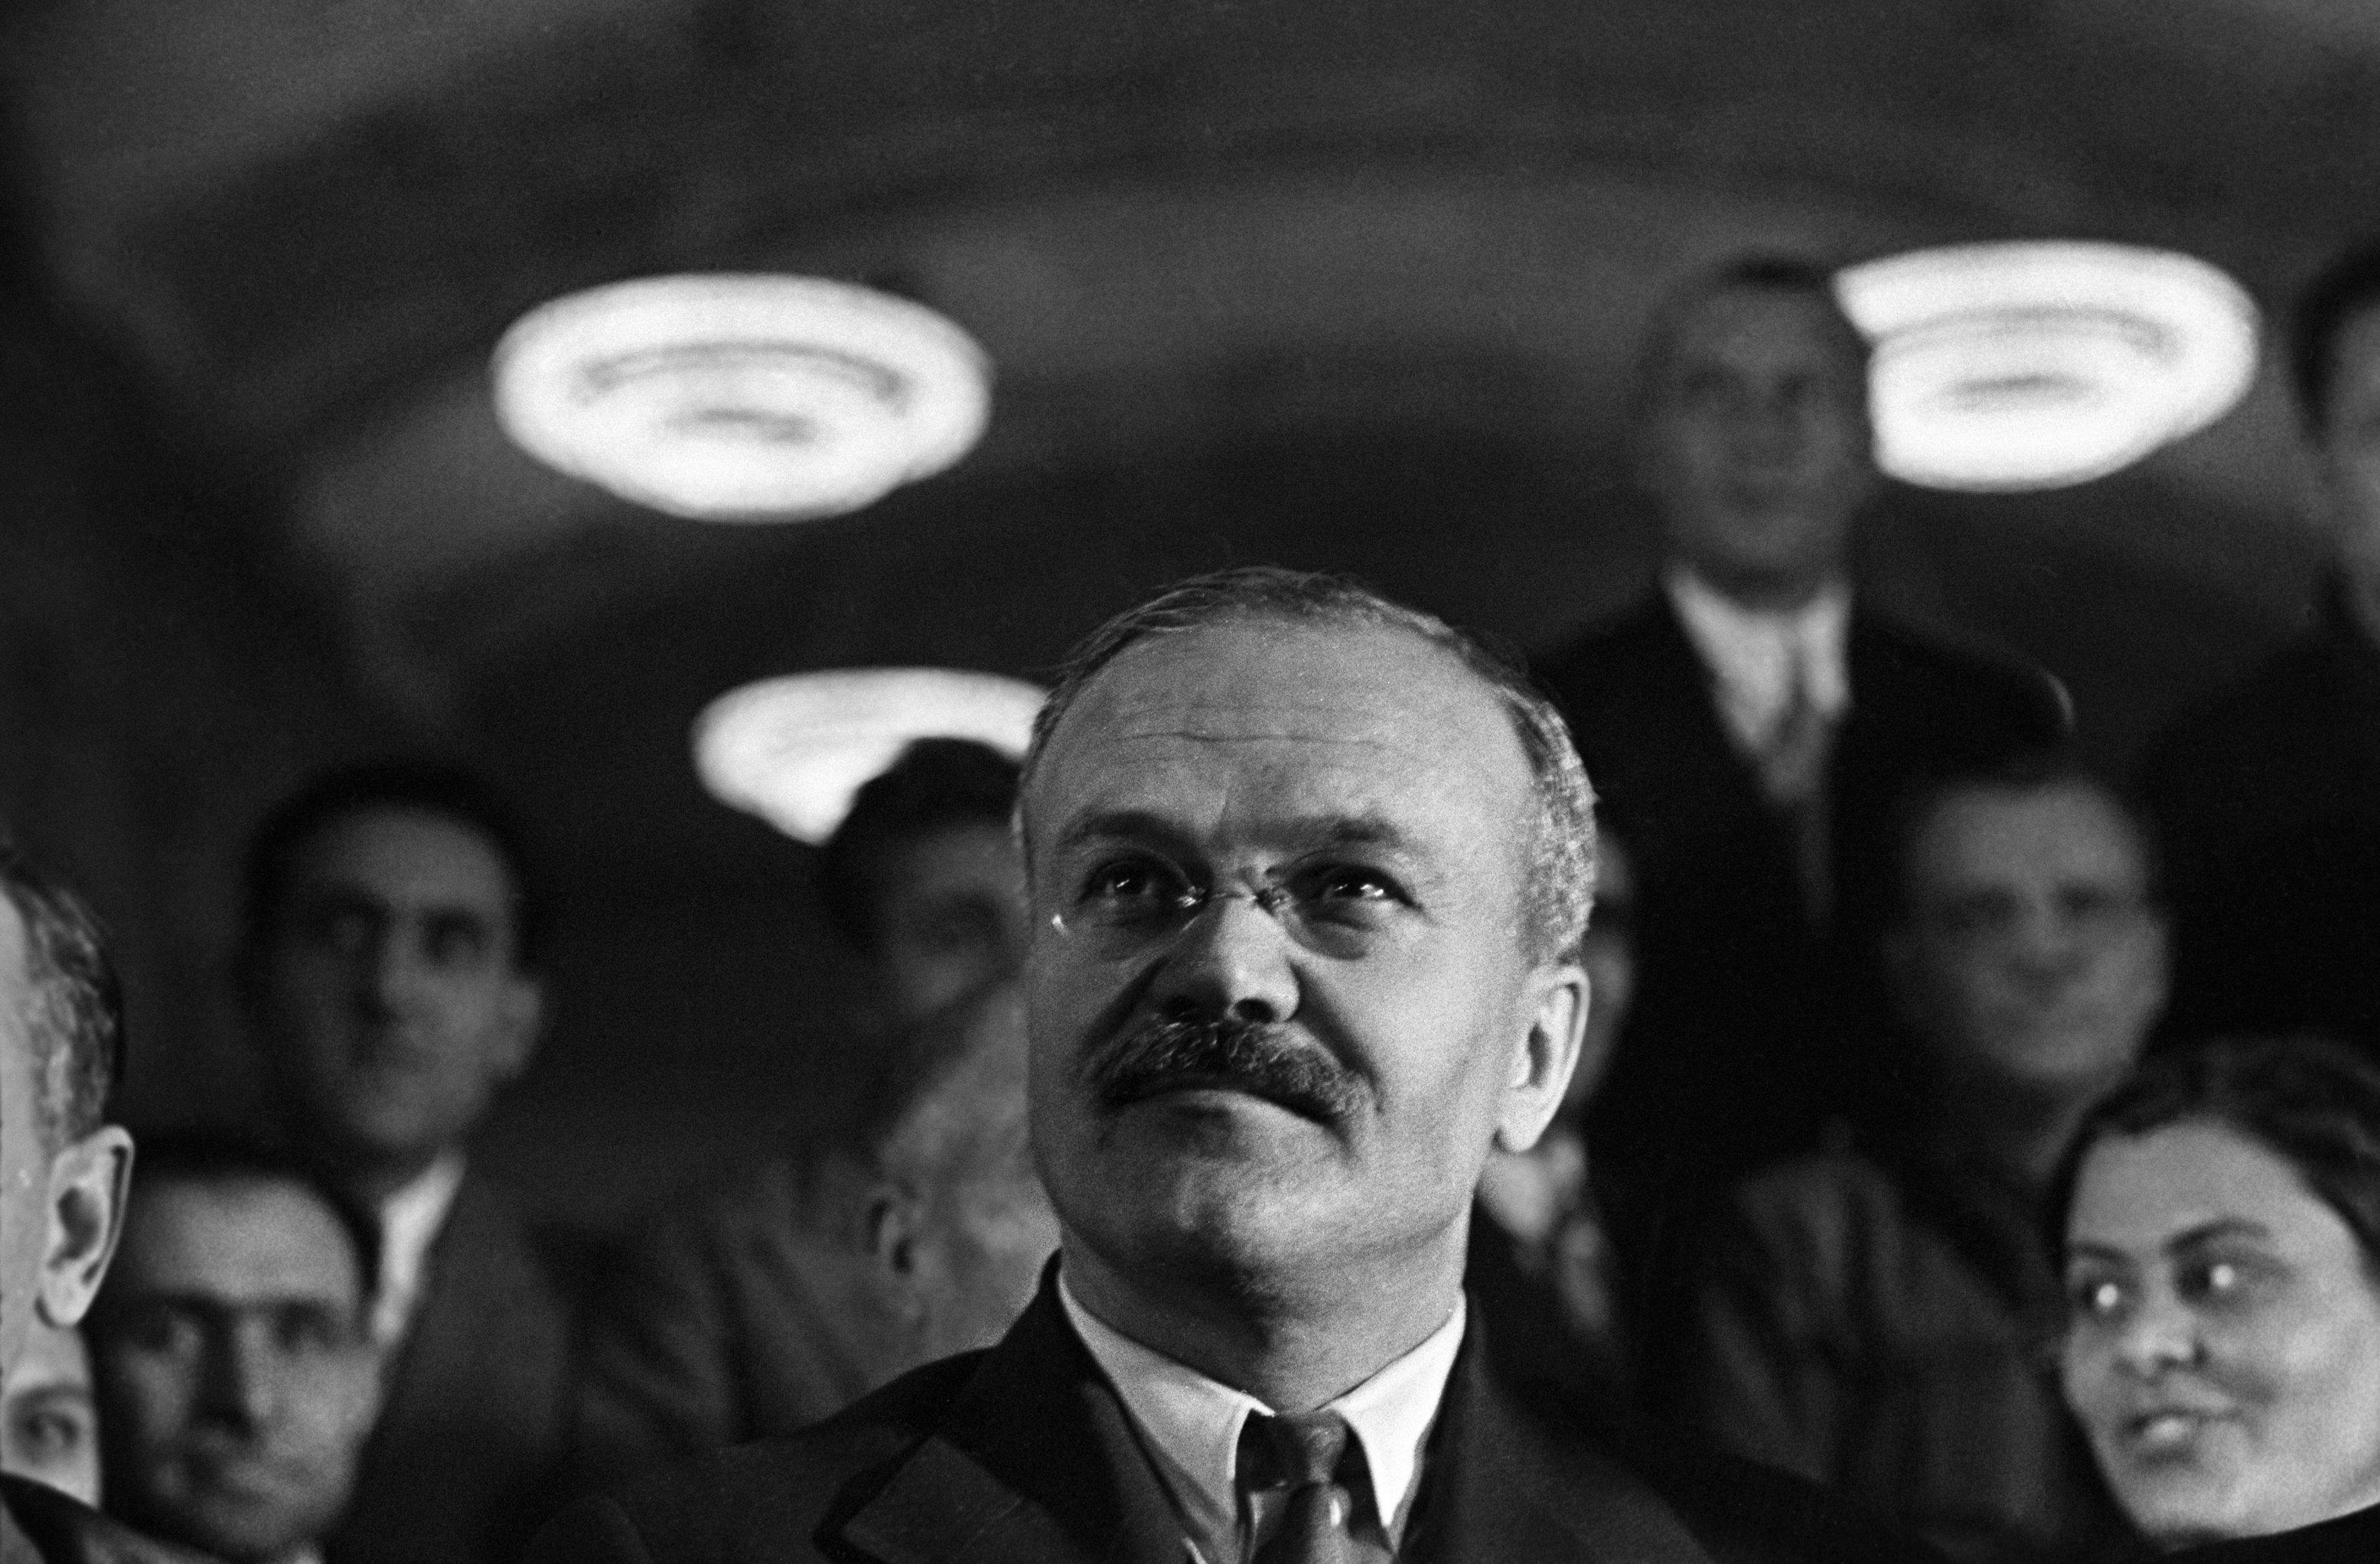 Vjačeslav Molotov (1890 - 1986), commissario del popolo per gli affari esteri dell'URRS, ministro degli affari esteri dell'URSS